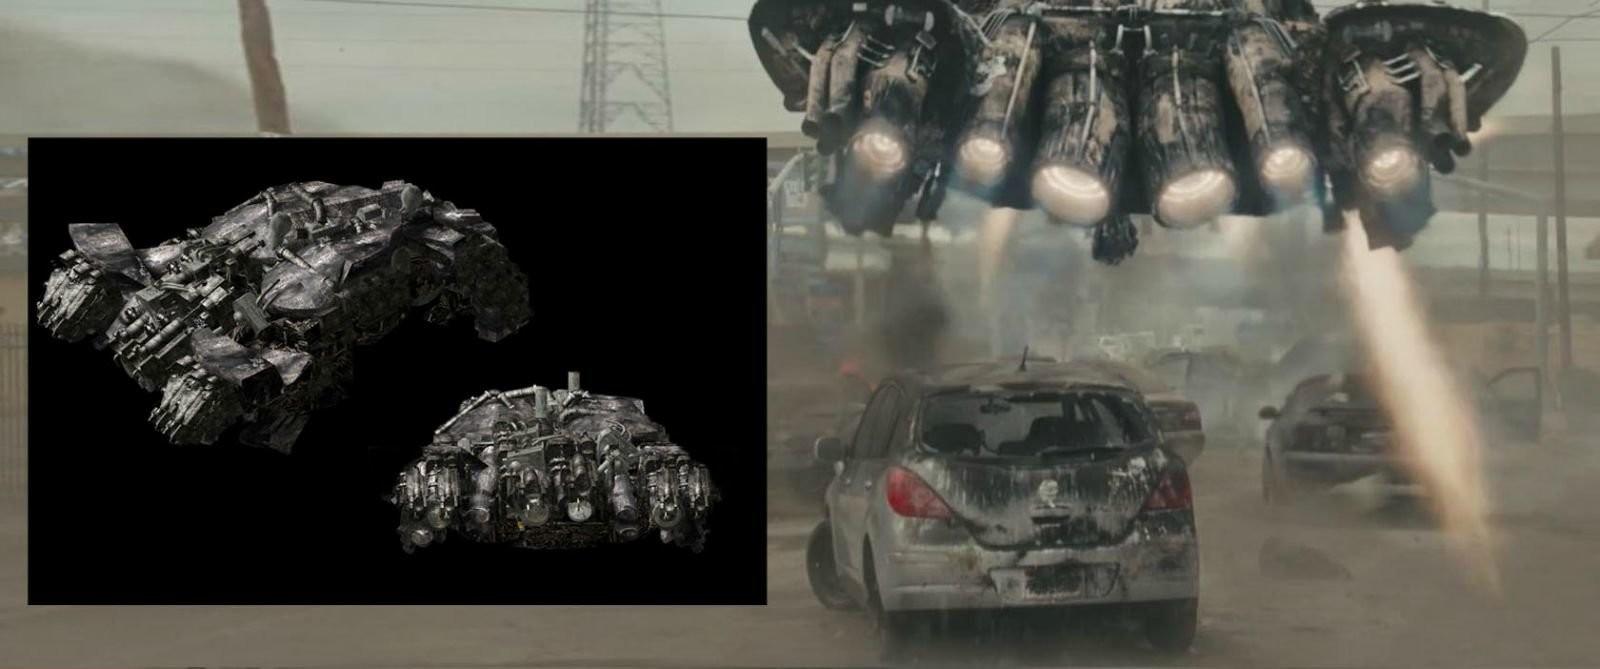 DESIGN - 2- SCREEN Battle LA : Movie